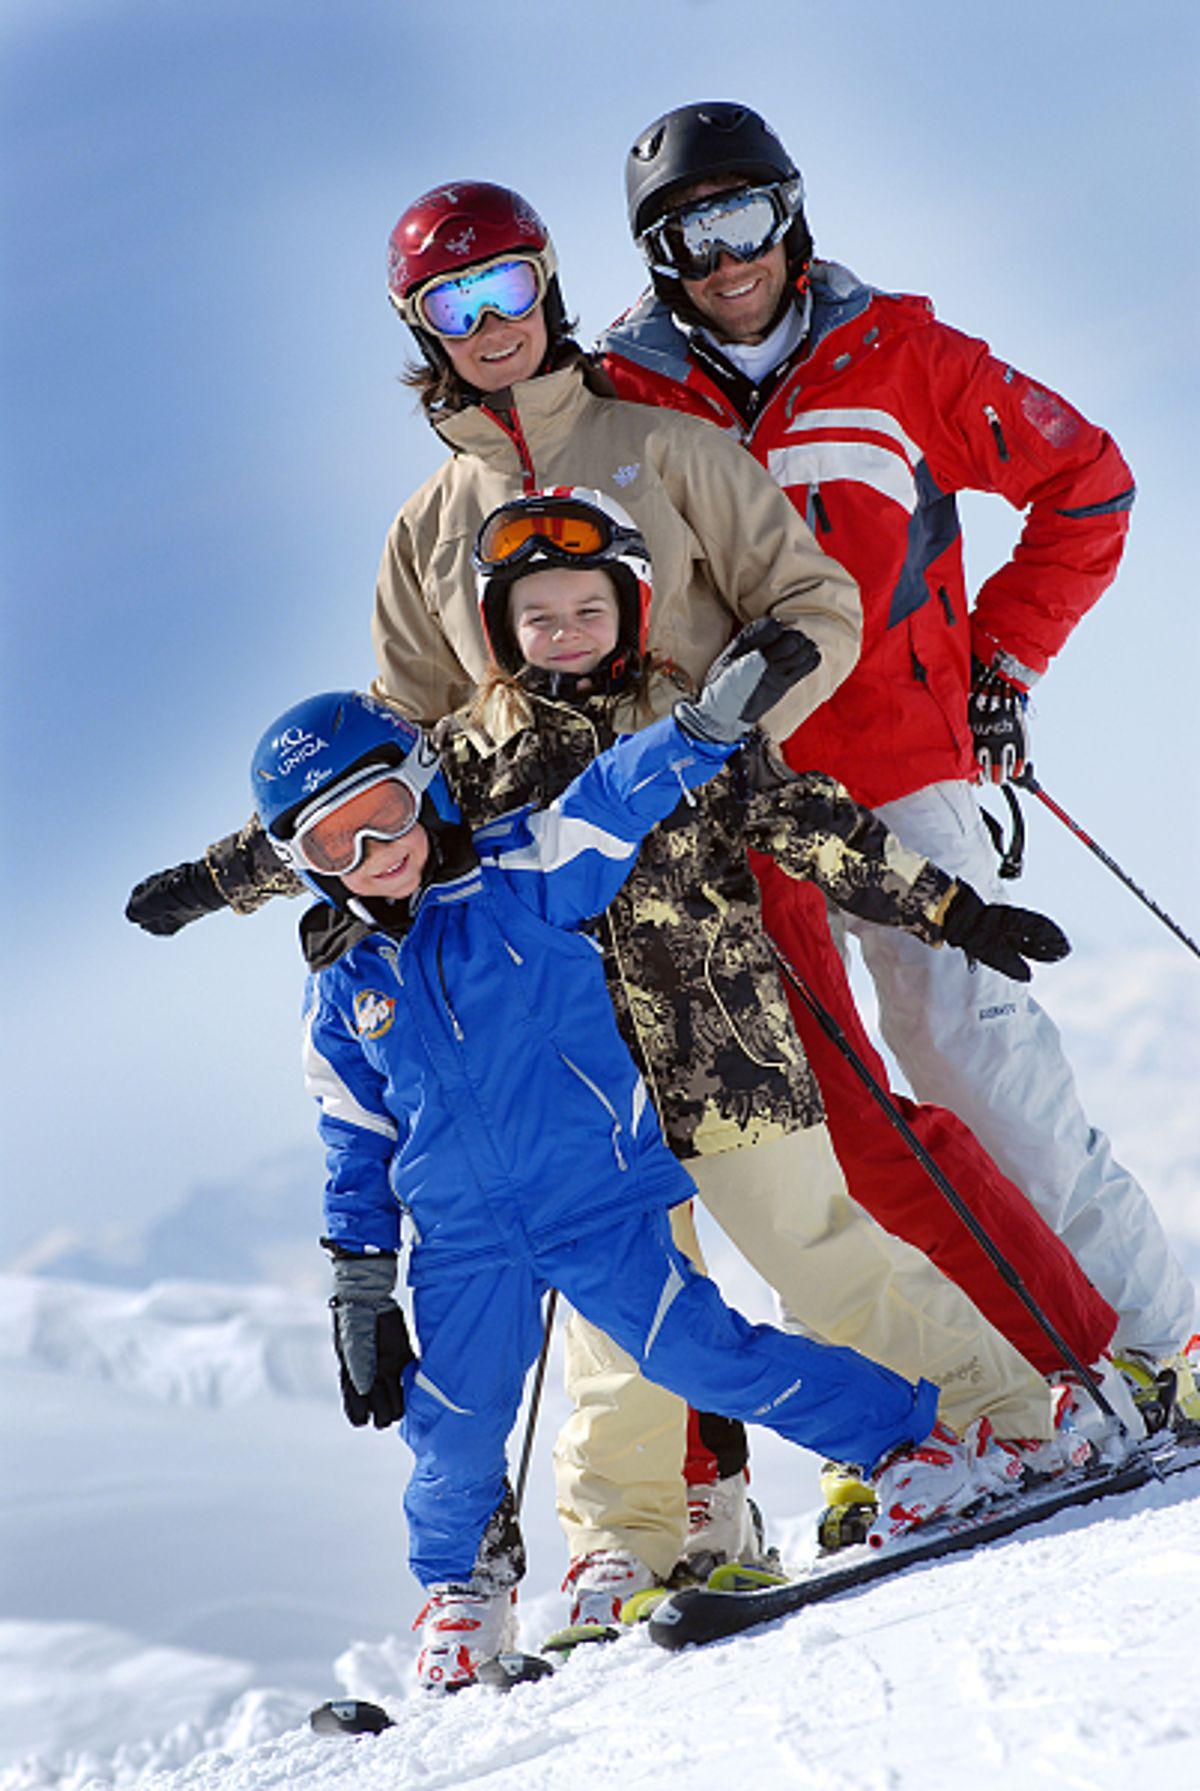 Skigenuss mit Freunden in der Skiregion Amade | 3 Übernachtungen